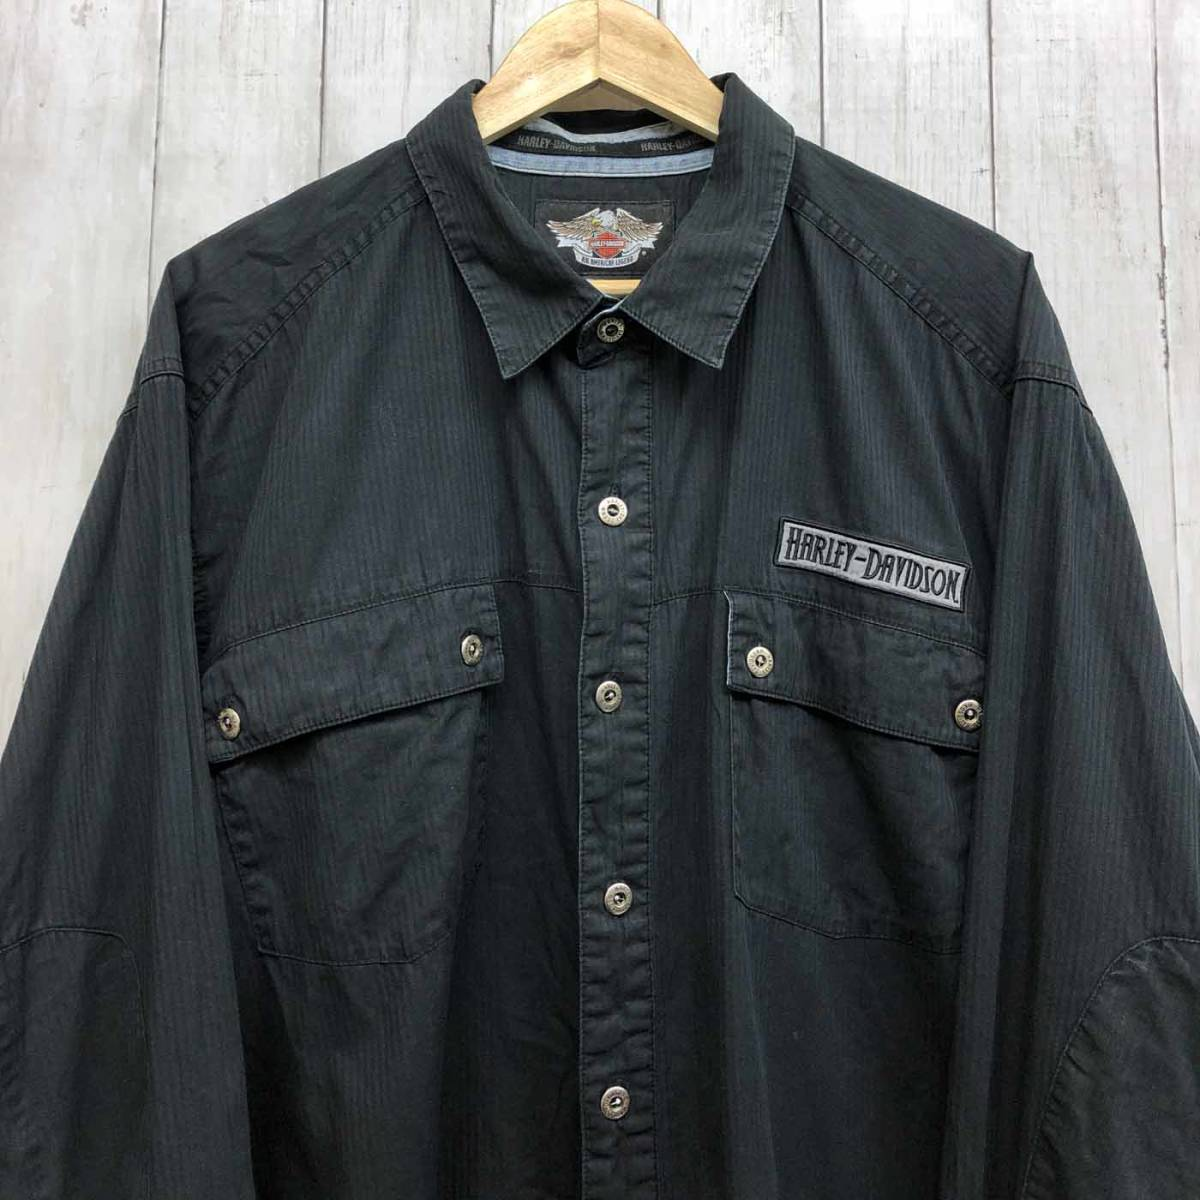 ハーレーダビッドソン Harley Davidson 古着 長袖シャツ ワーカーシャツ メンズ 2XLサイズ 9-76_画像1